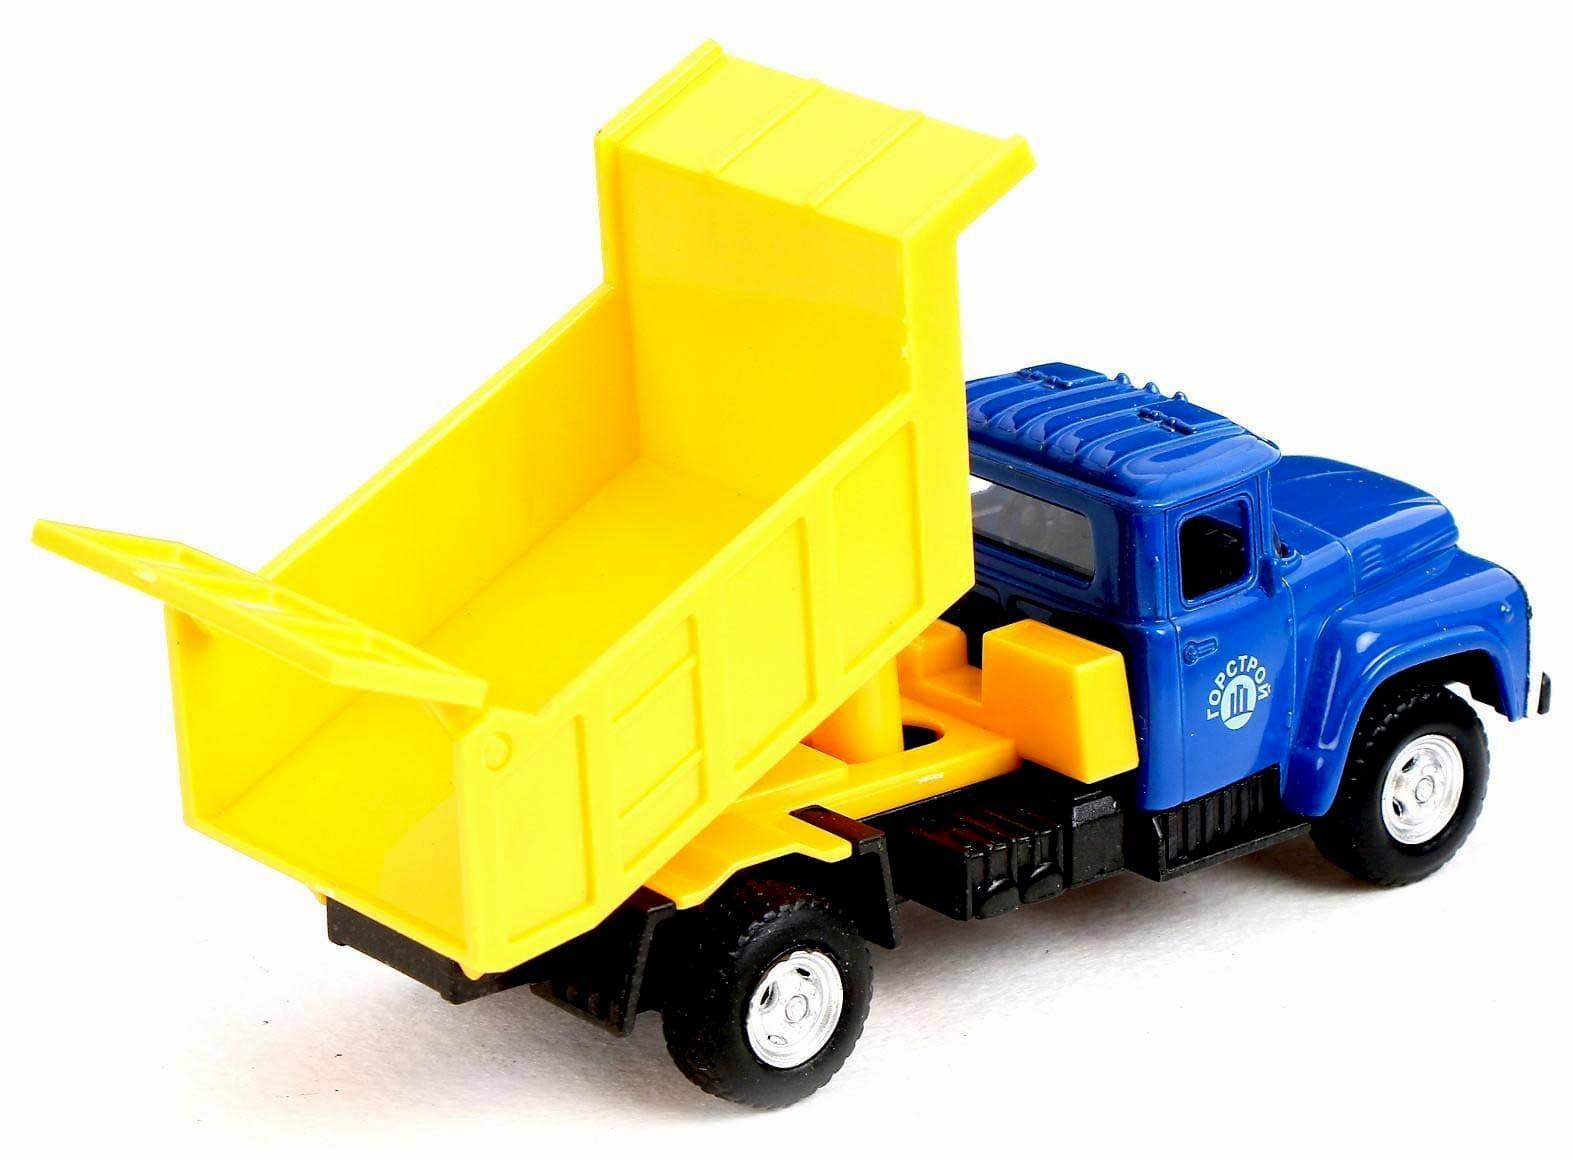 Машинка металлическая Play Smart 1:52 «Самосвал ЗИЛ-130 ГорСтрой» 15 см. 6517-С Автопарк, инерционная / Желто-синий